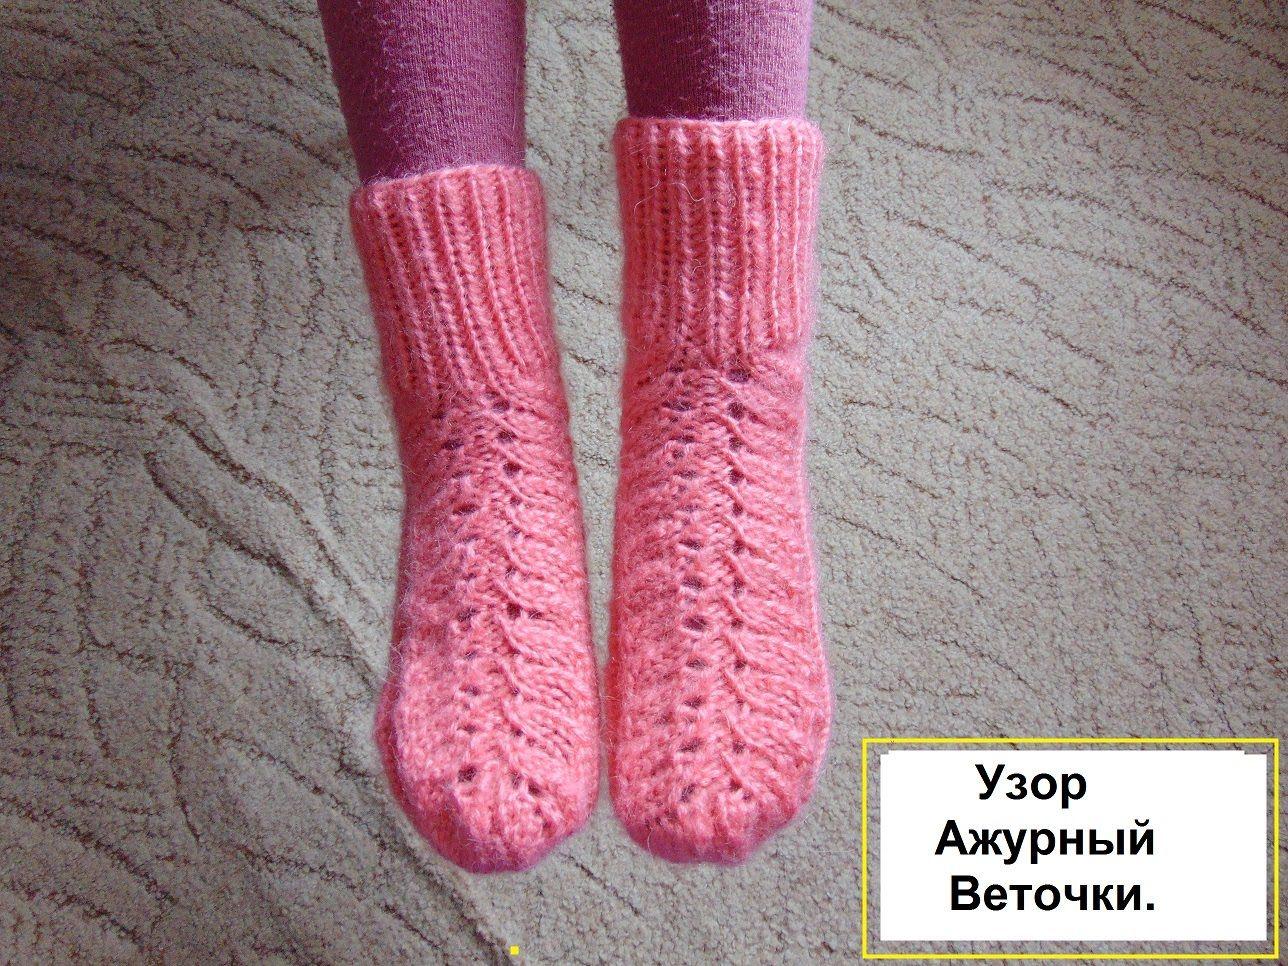 вязание носков спицами ажурным рисунком